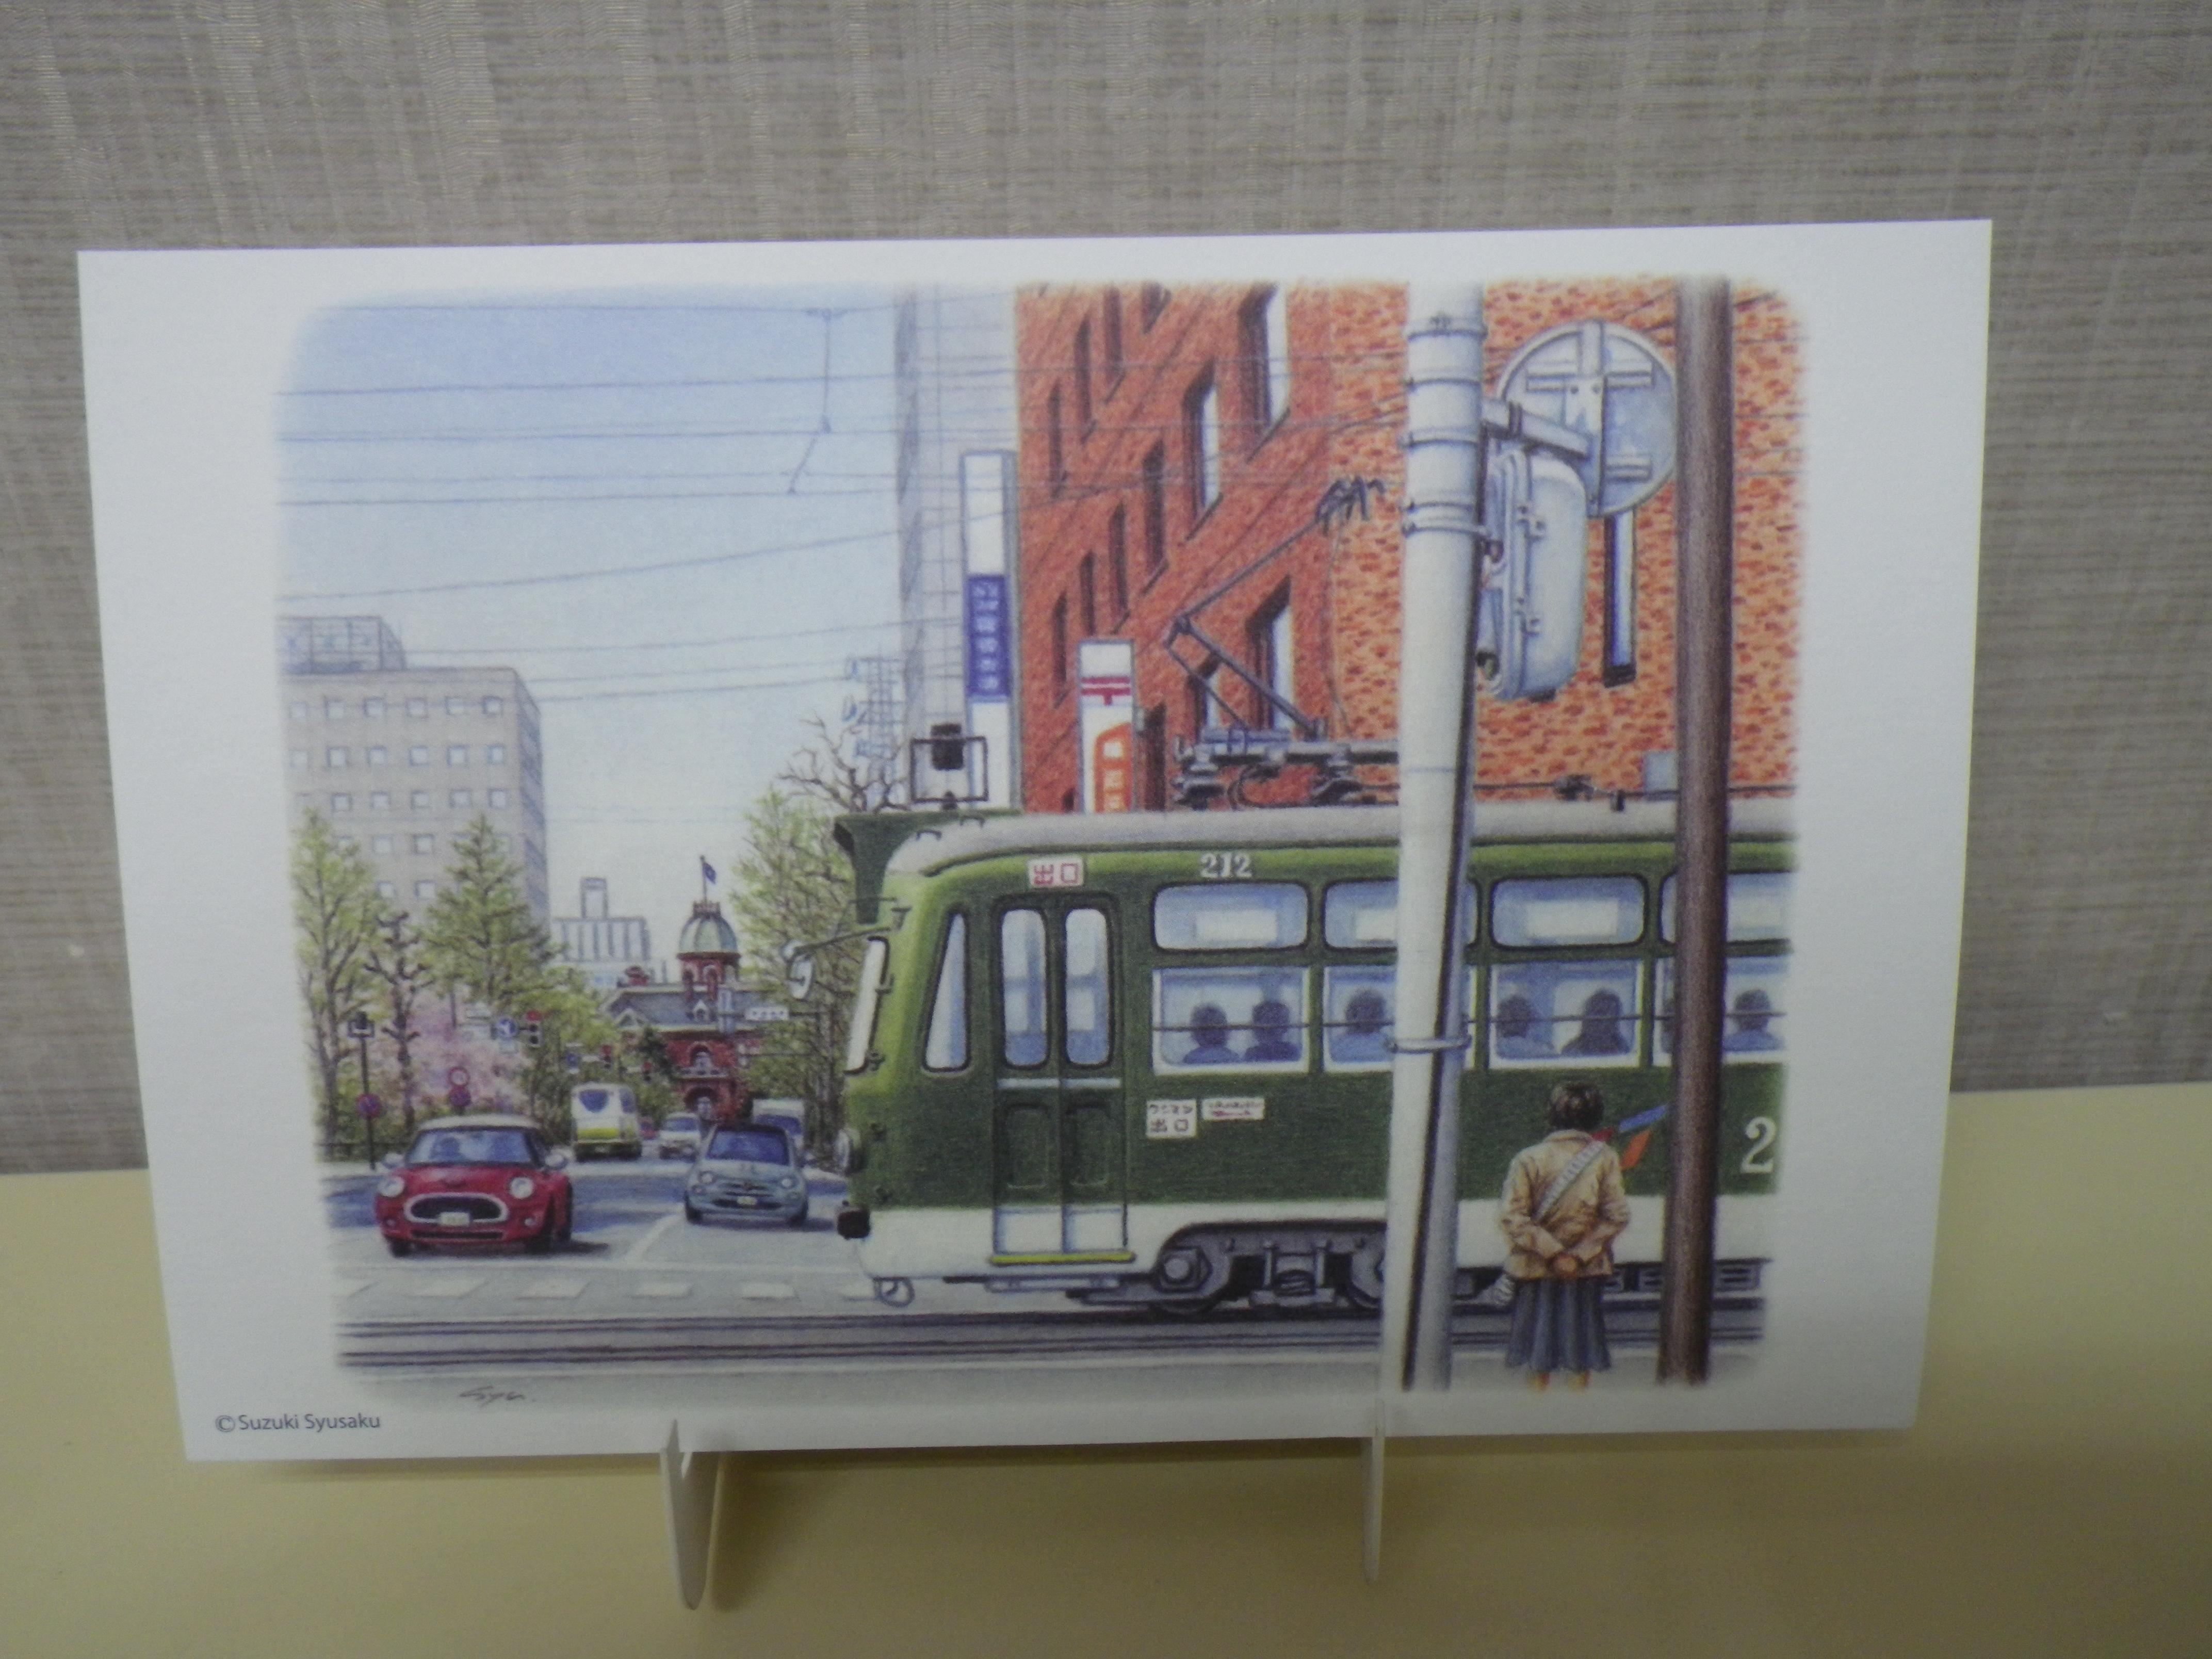 鈴木周作の南1条通り市電と道庁と言うタイトルのポストカードのの画像